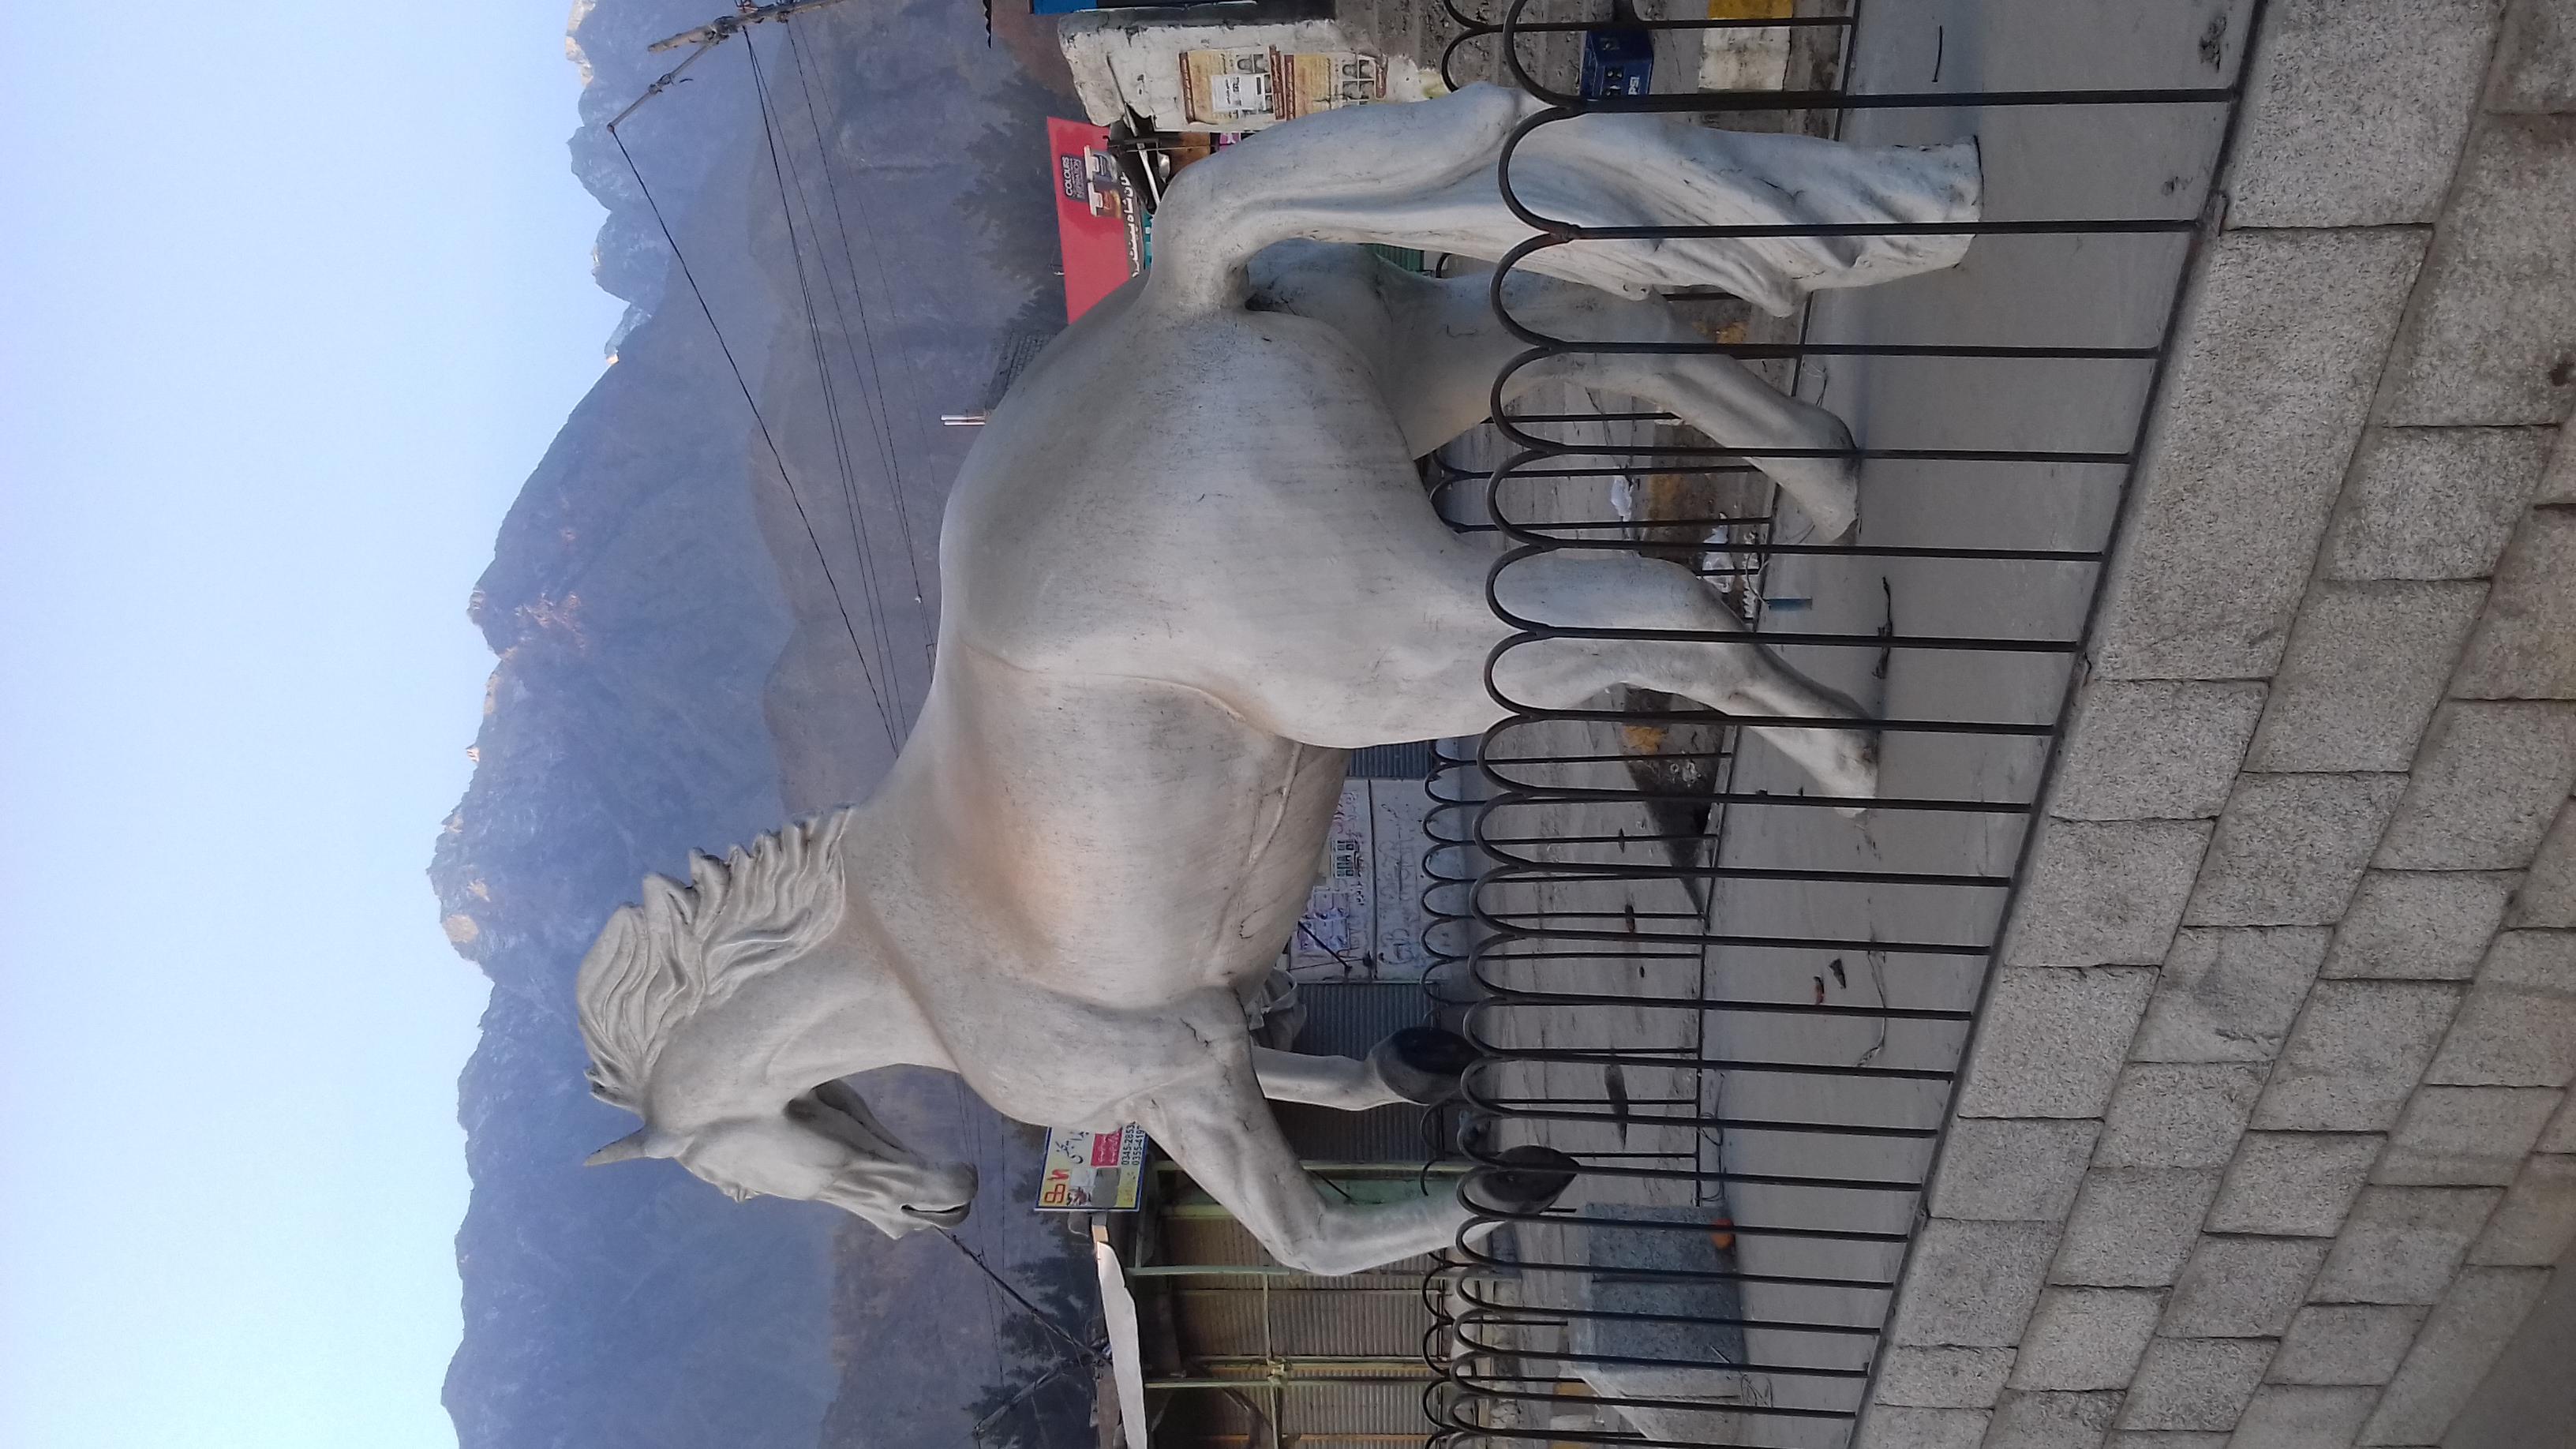 گاہکوچ بازار میں استادہ گھوڑے کا مجسمہ اور افسرِ شاہی